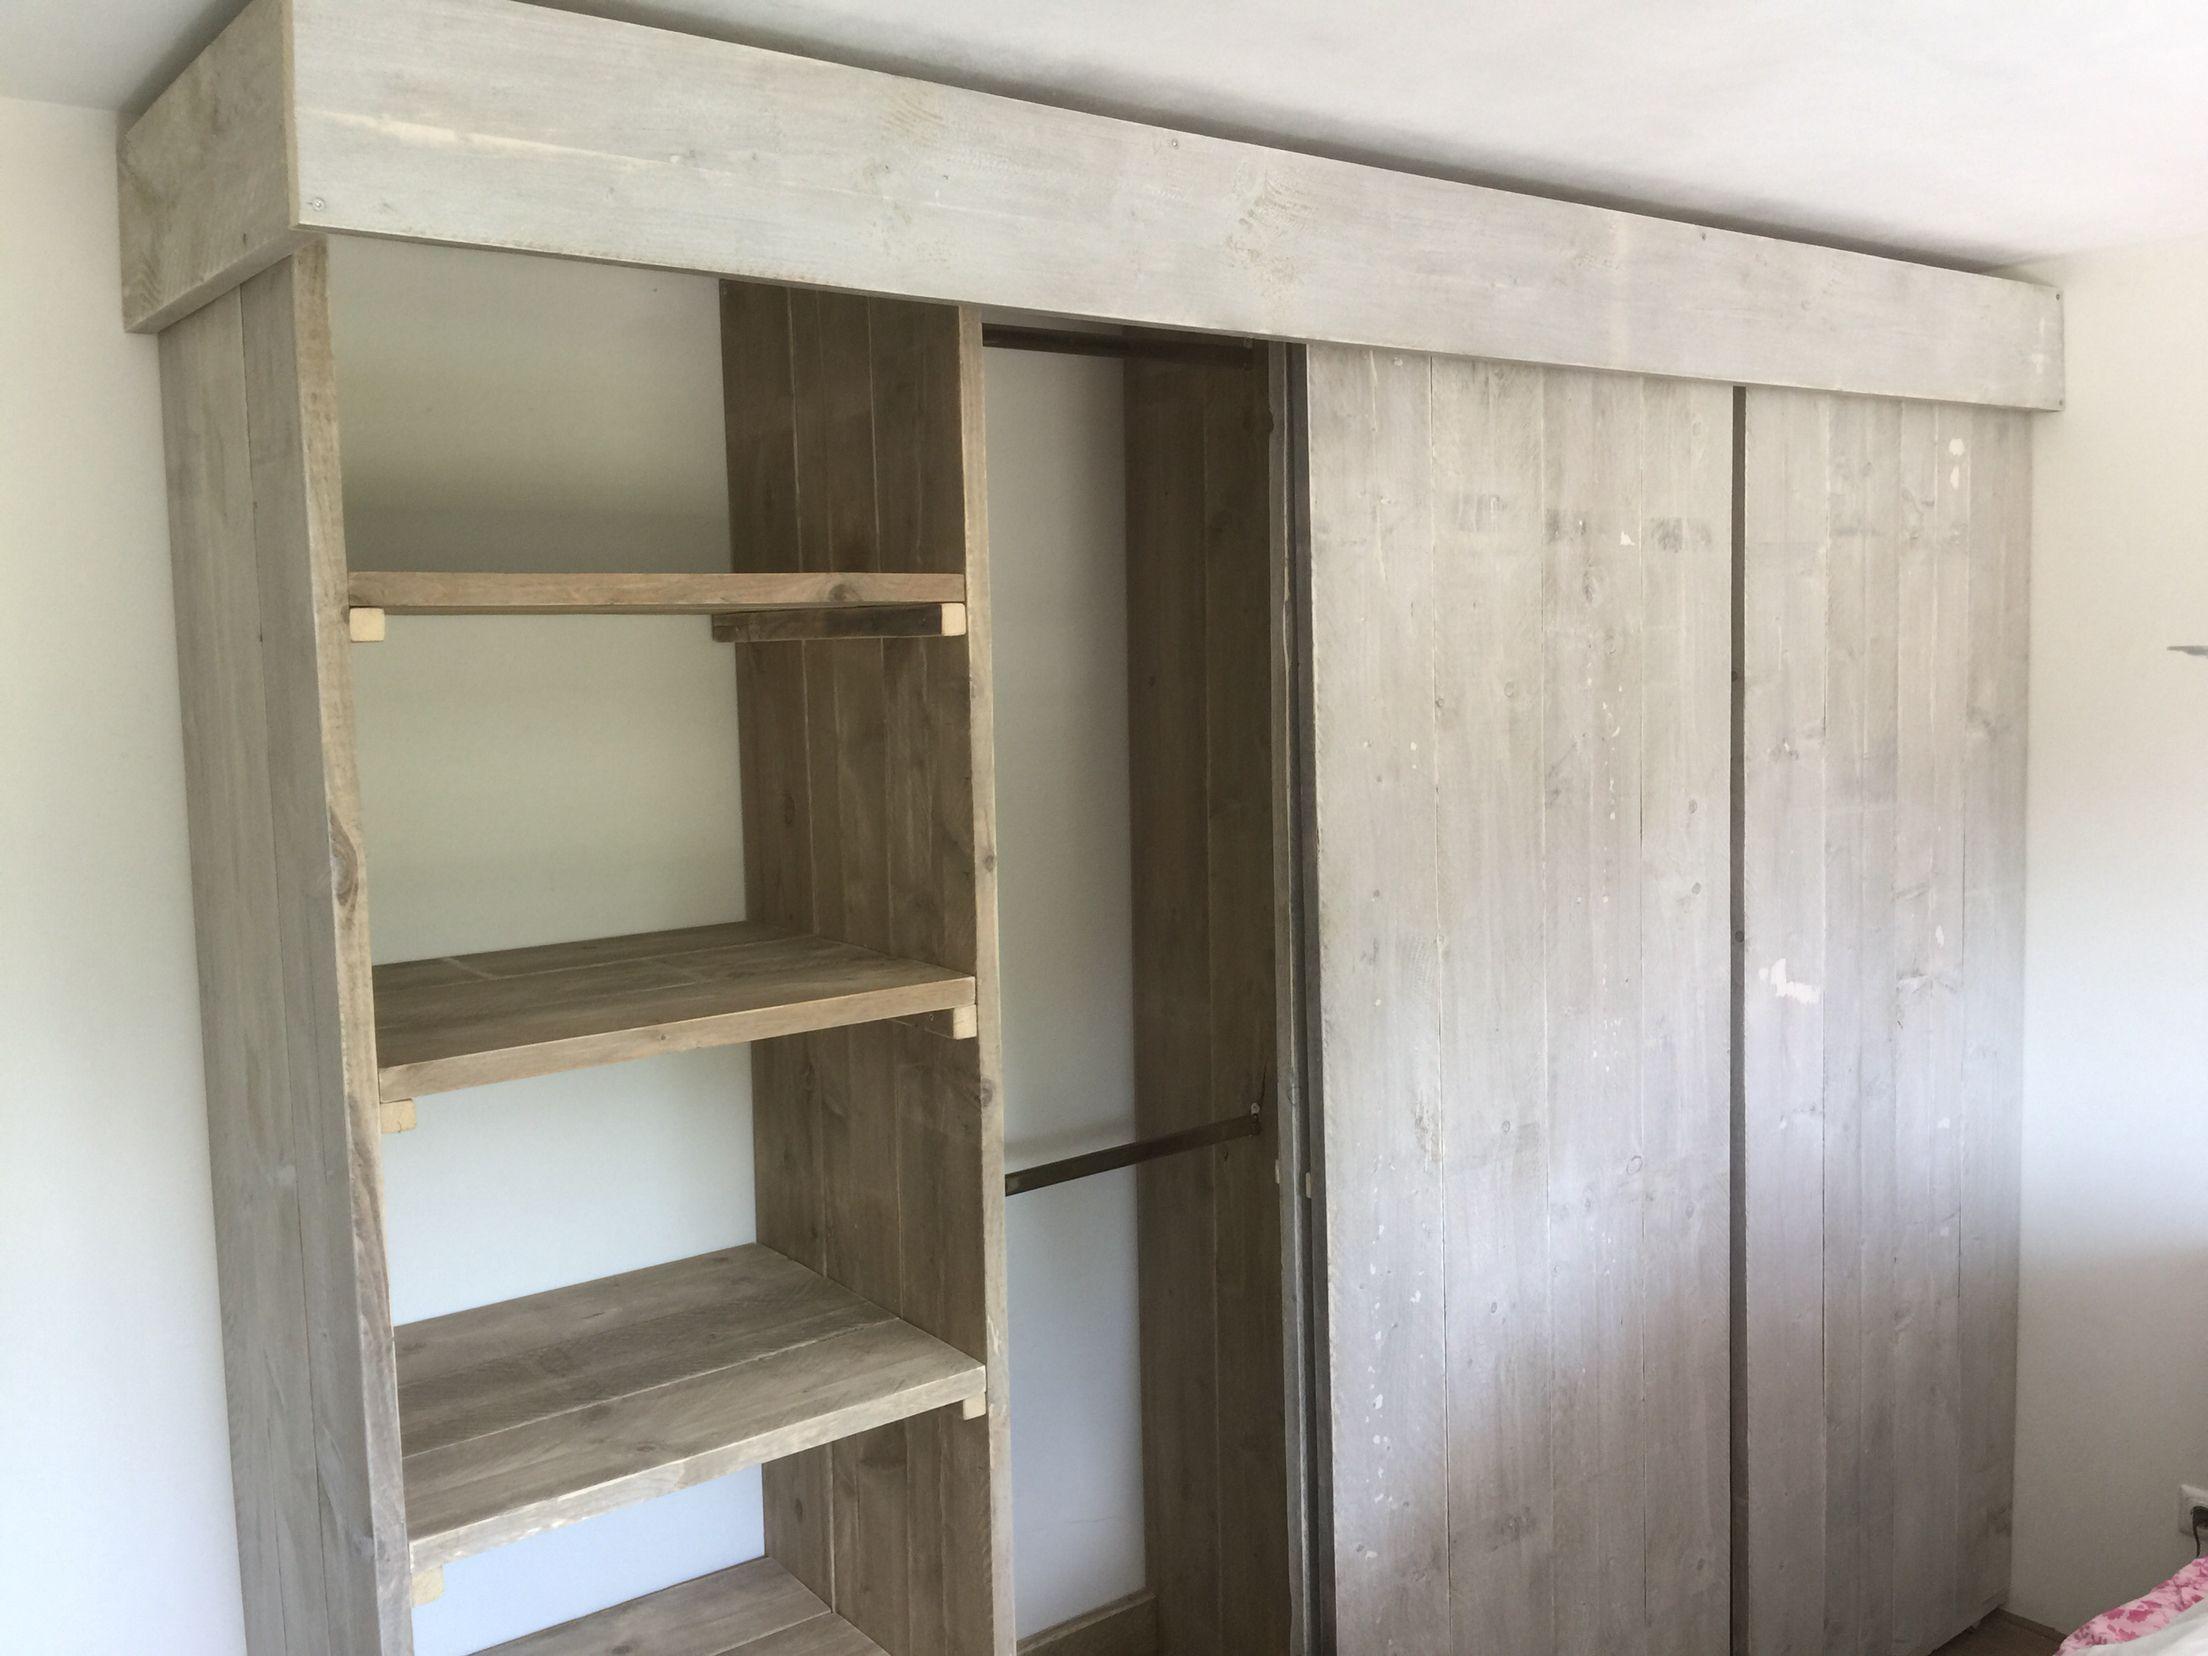 Kast Met Schuifdeuren : Kledingkast steigerhout schuifdeuren kamertje in